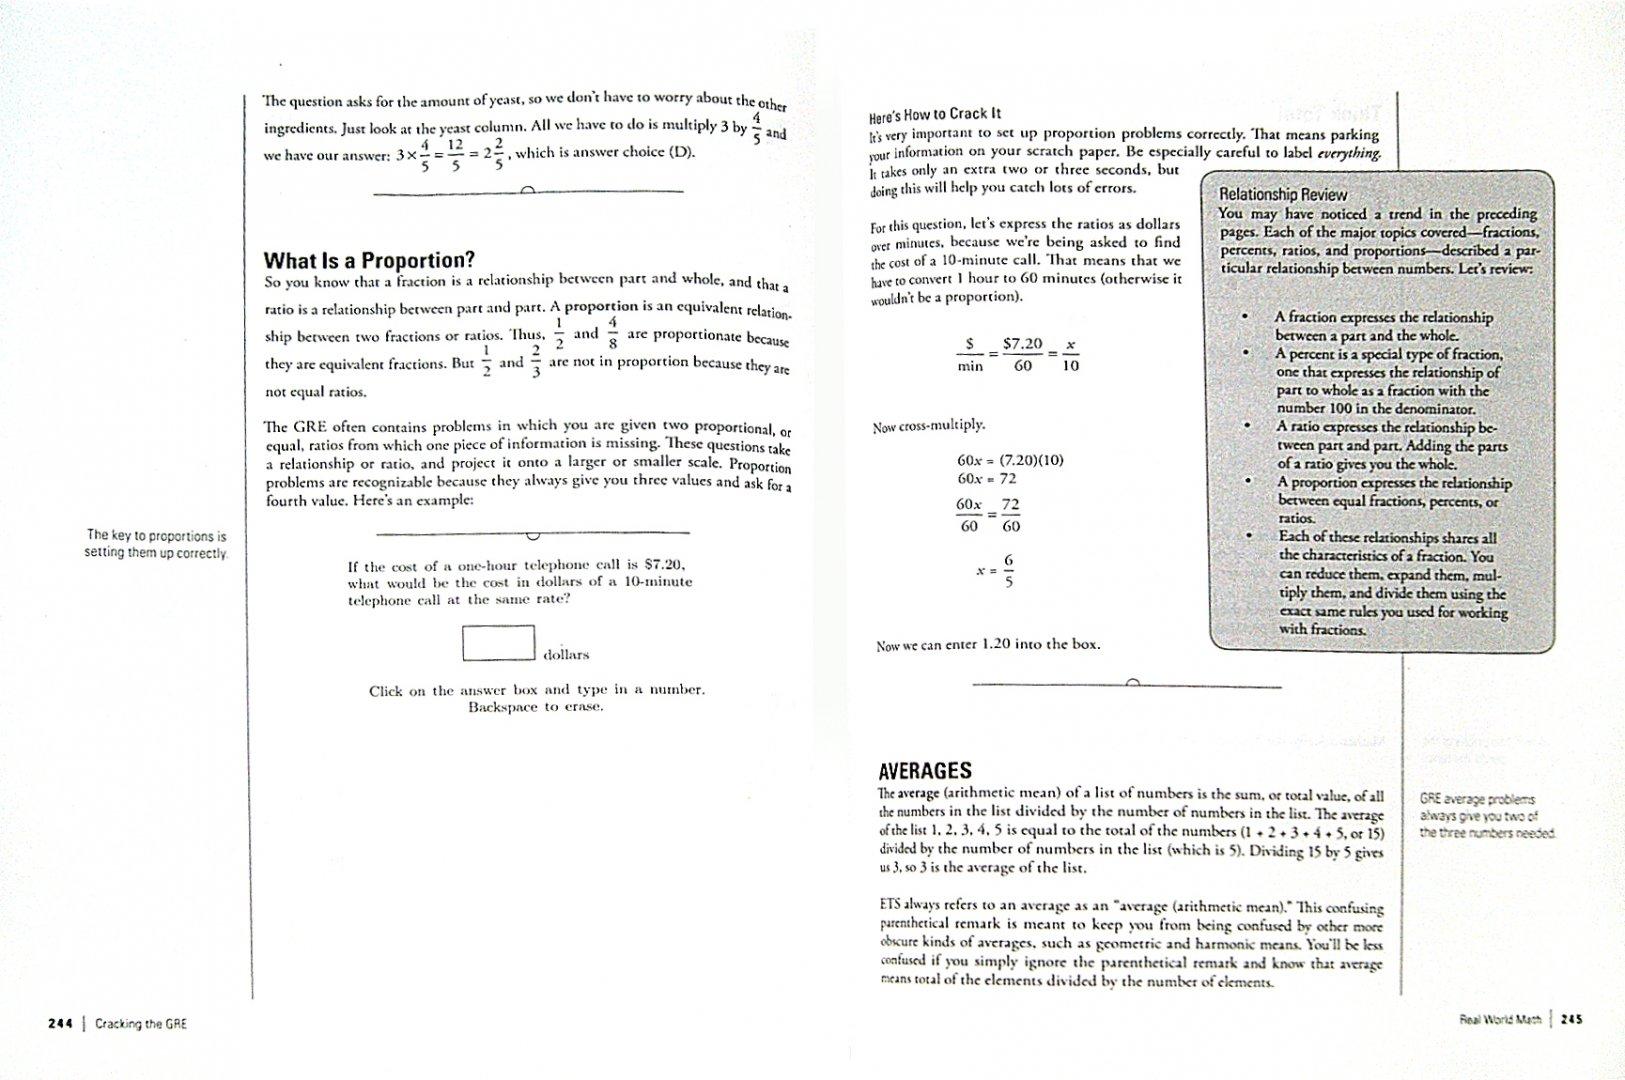 Иллюстрация 1 из 3 для Cracking the GRE Premium Edition with 6 Practice Tests, 2015 - Douglas Pierce | Лабиринт - книги. Источник: Лабиринт